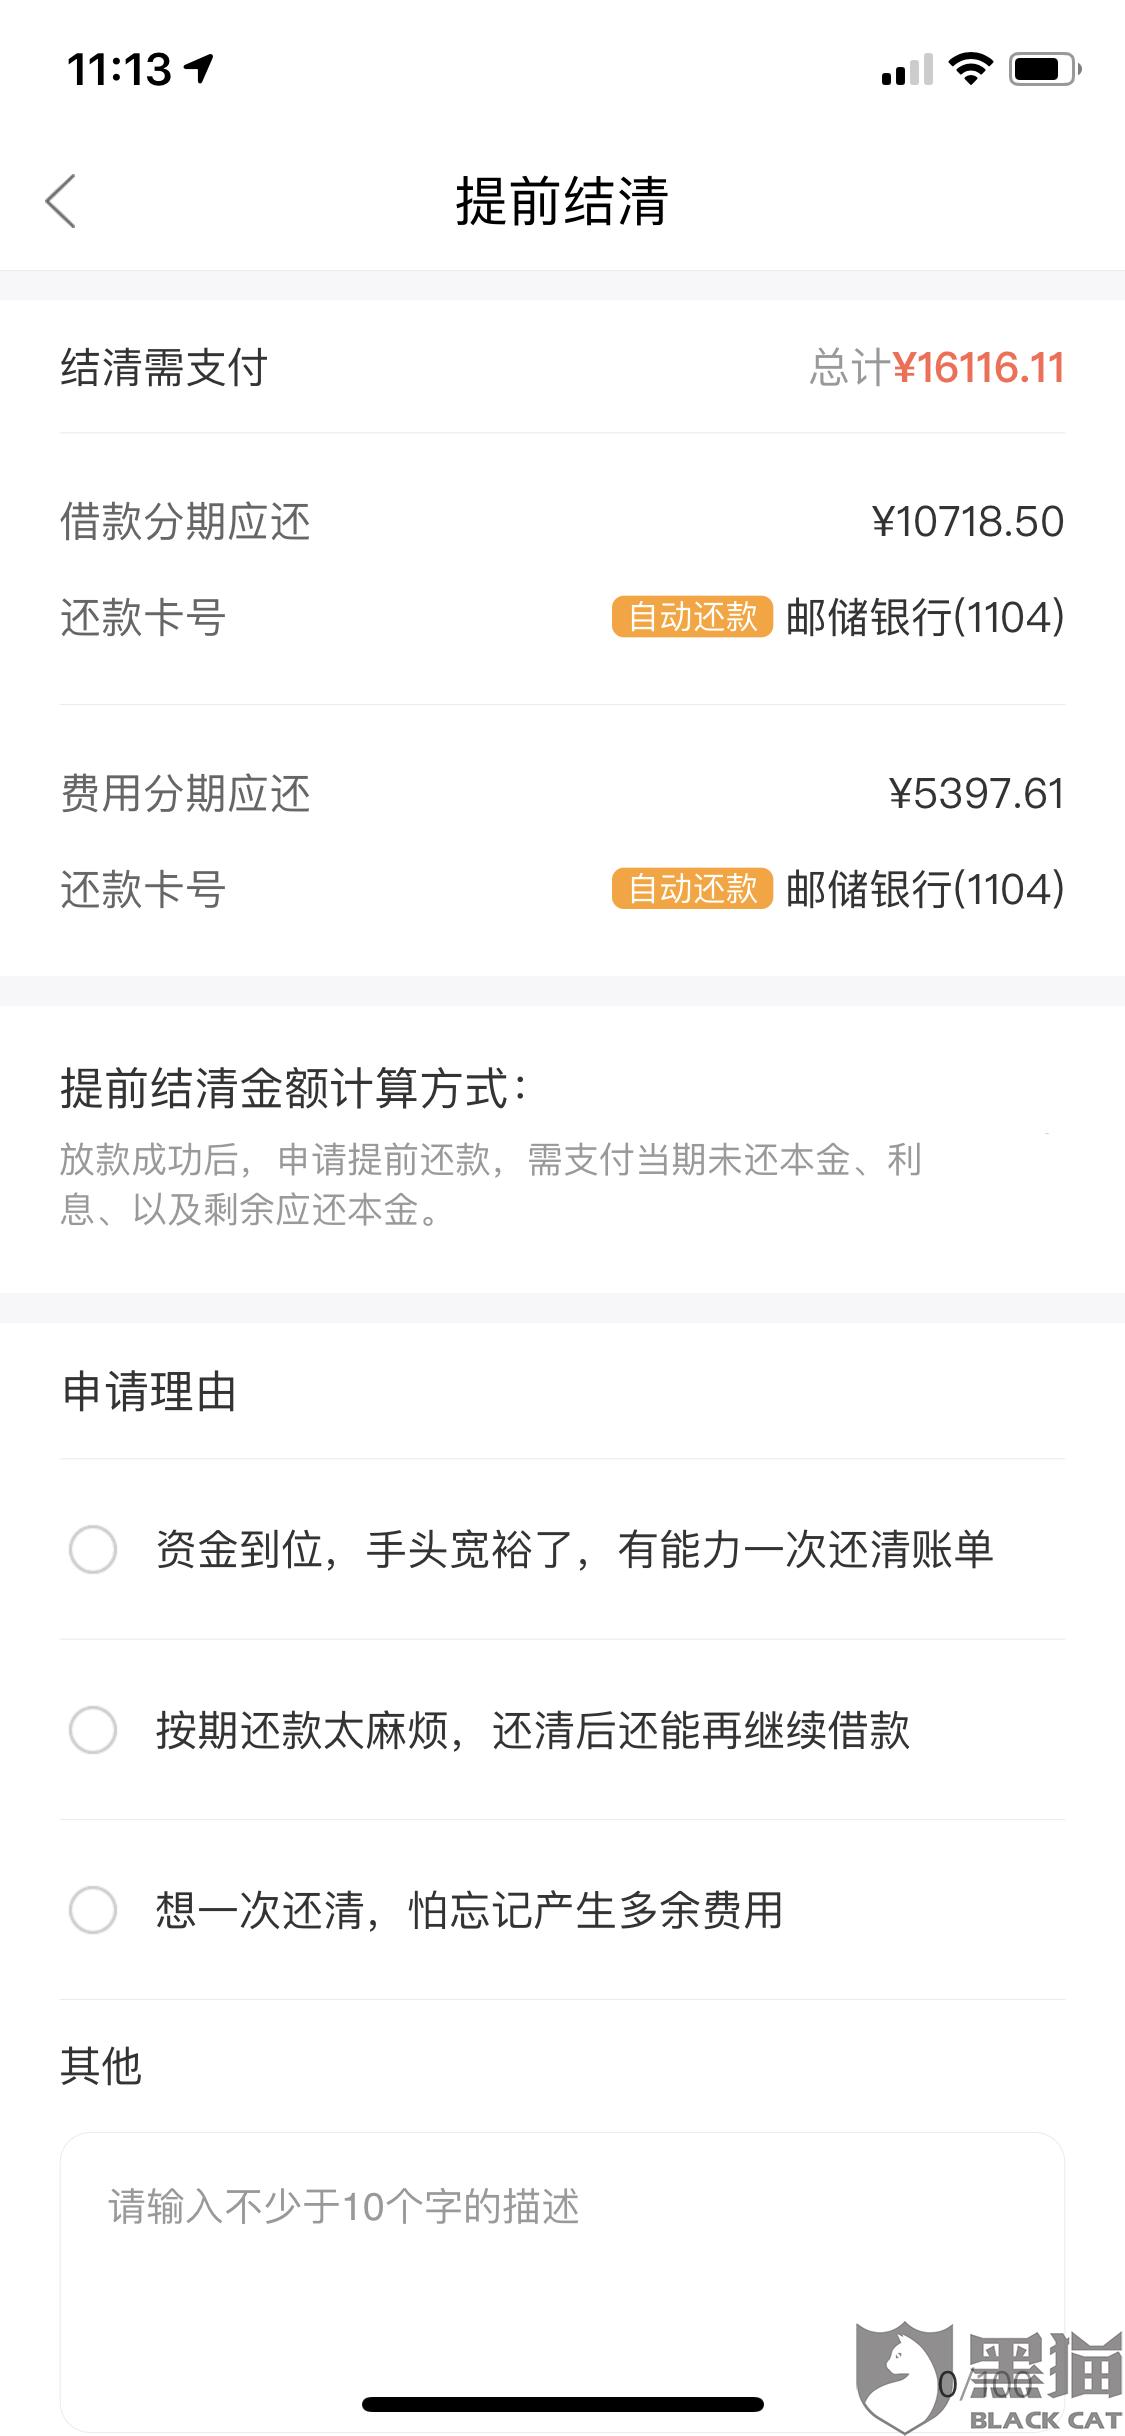 http://www.110tao.com/zhengceguanzhu/468747.html